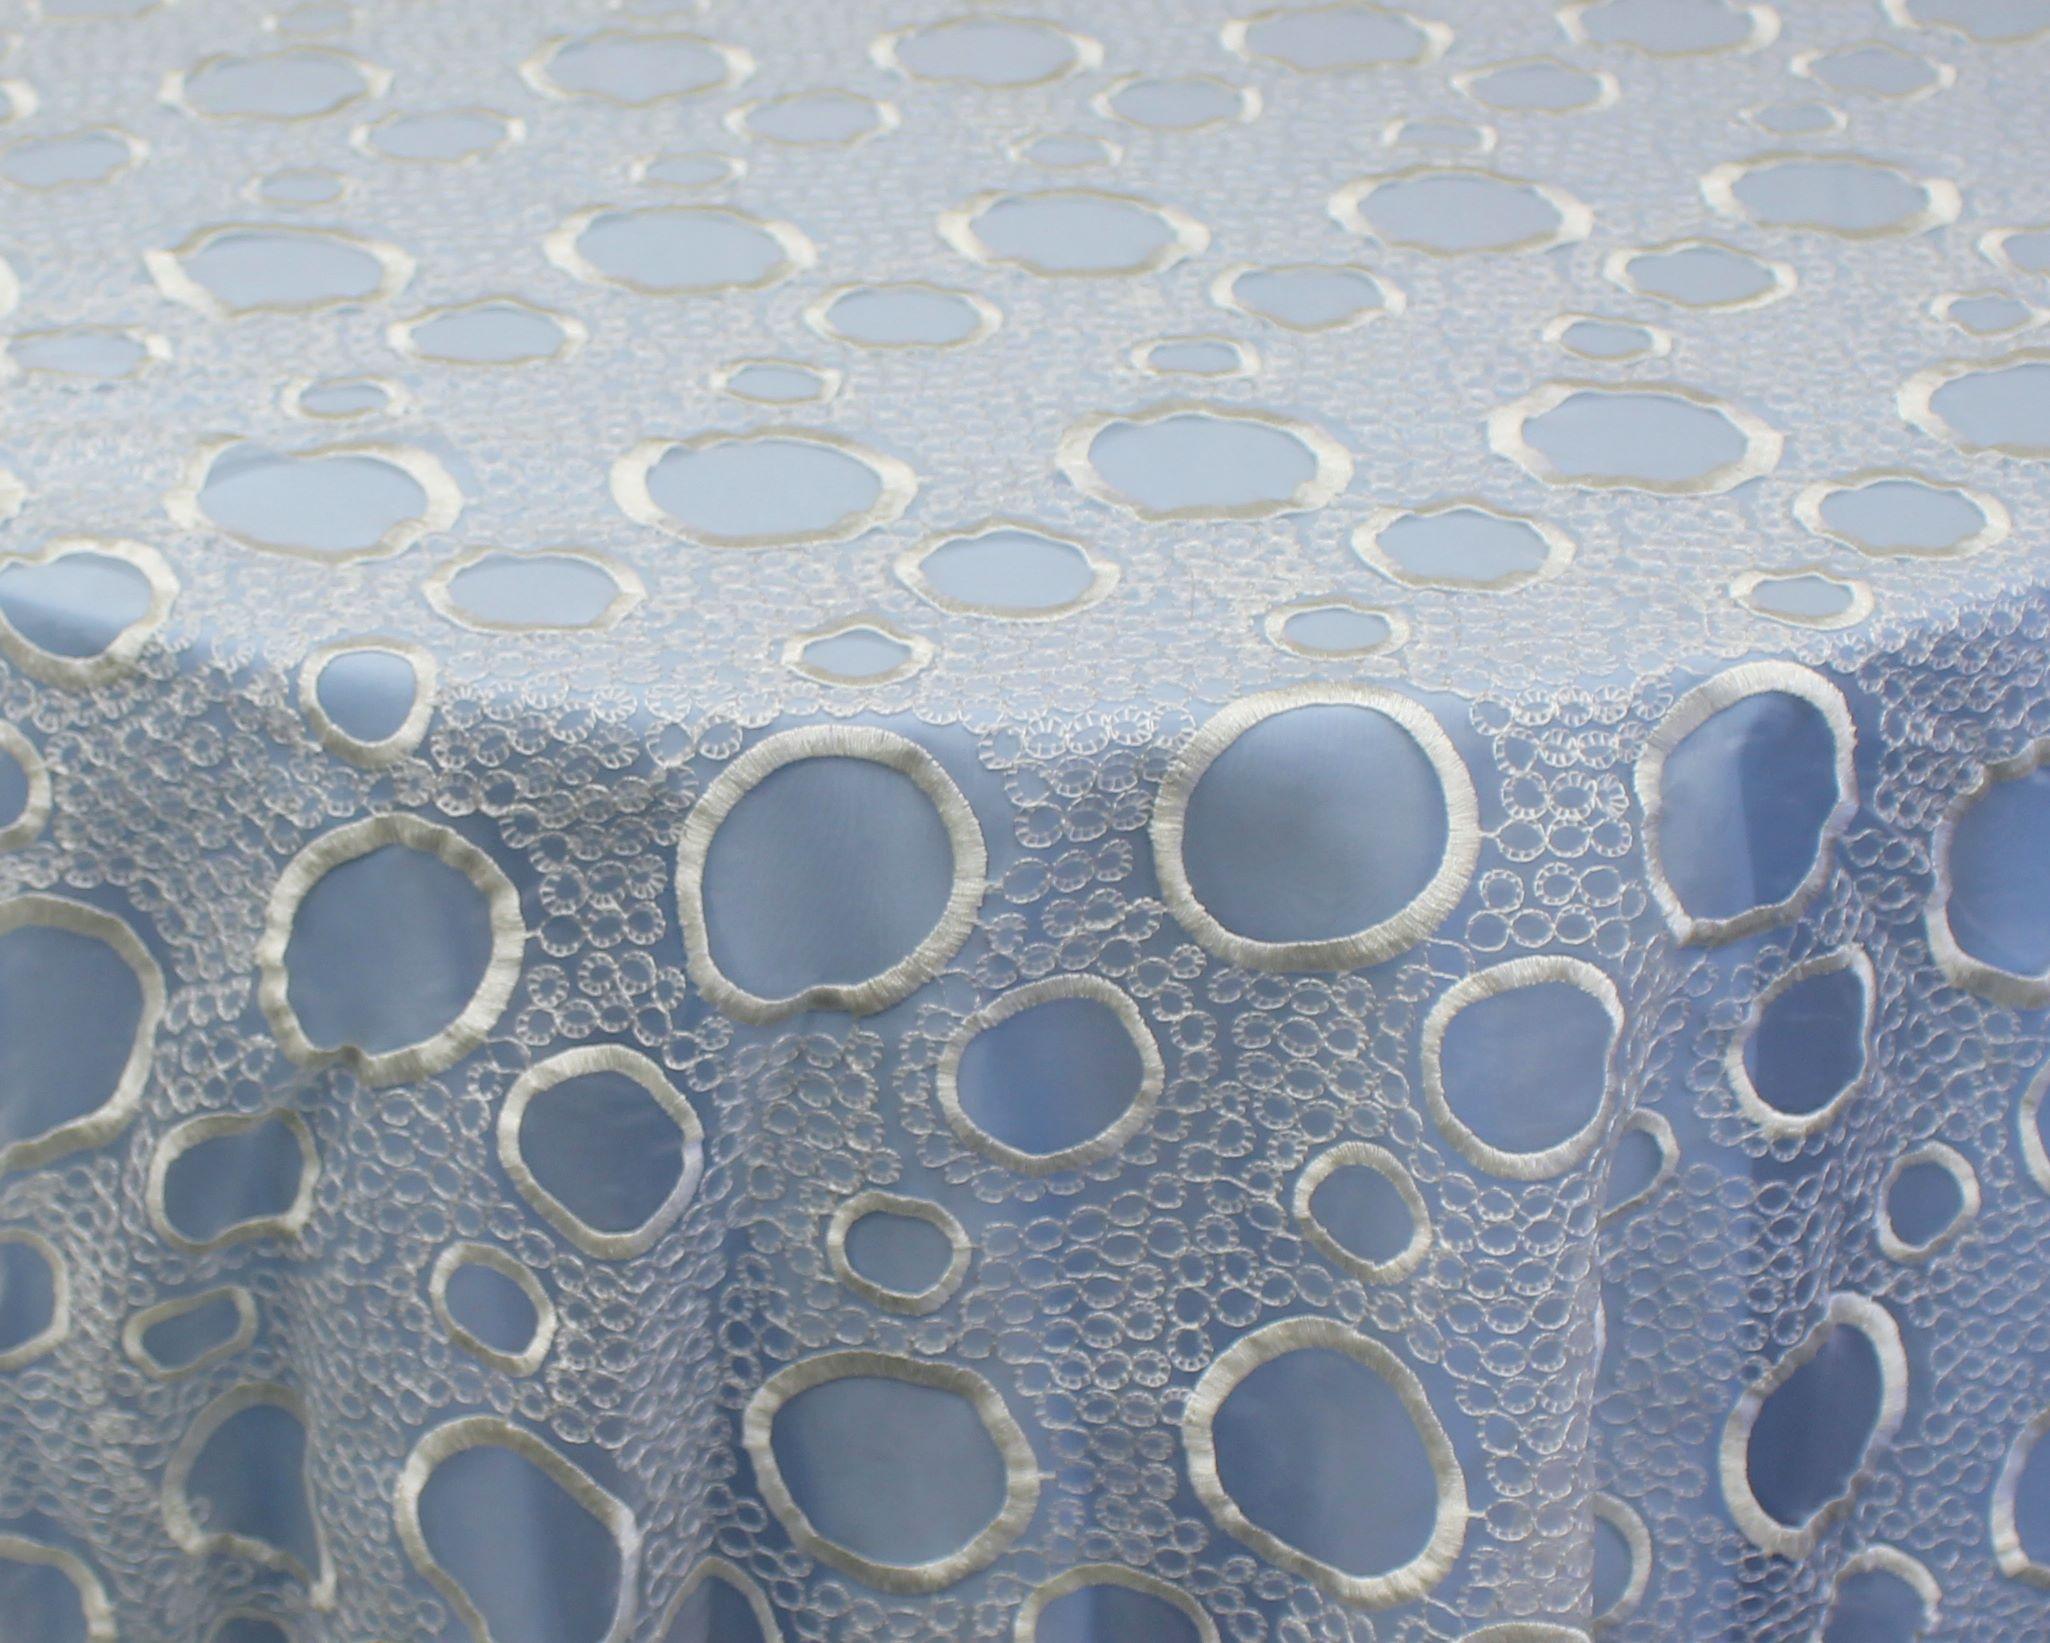 White Bubbles Overlay over Light Blue Satin